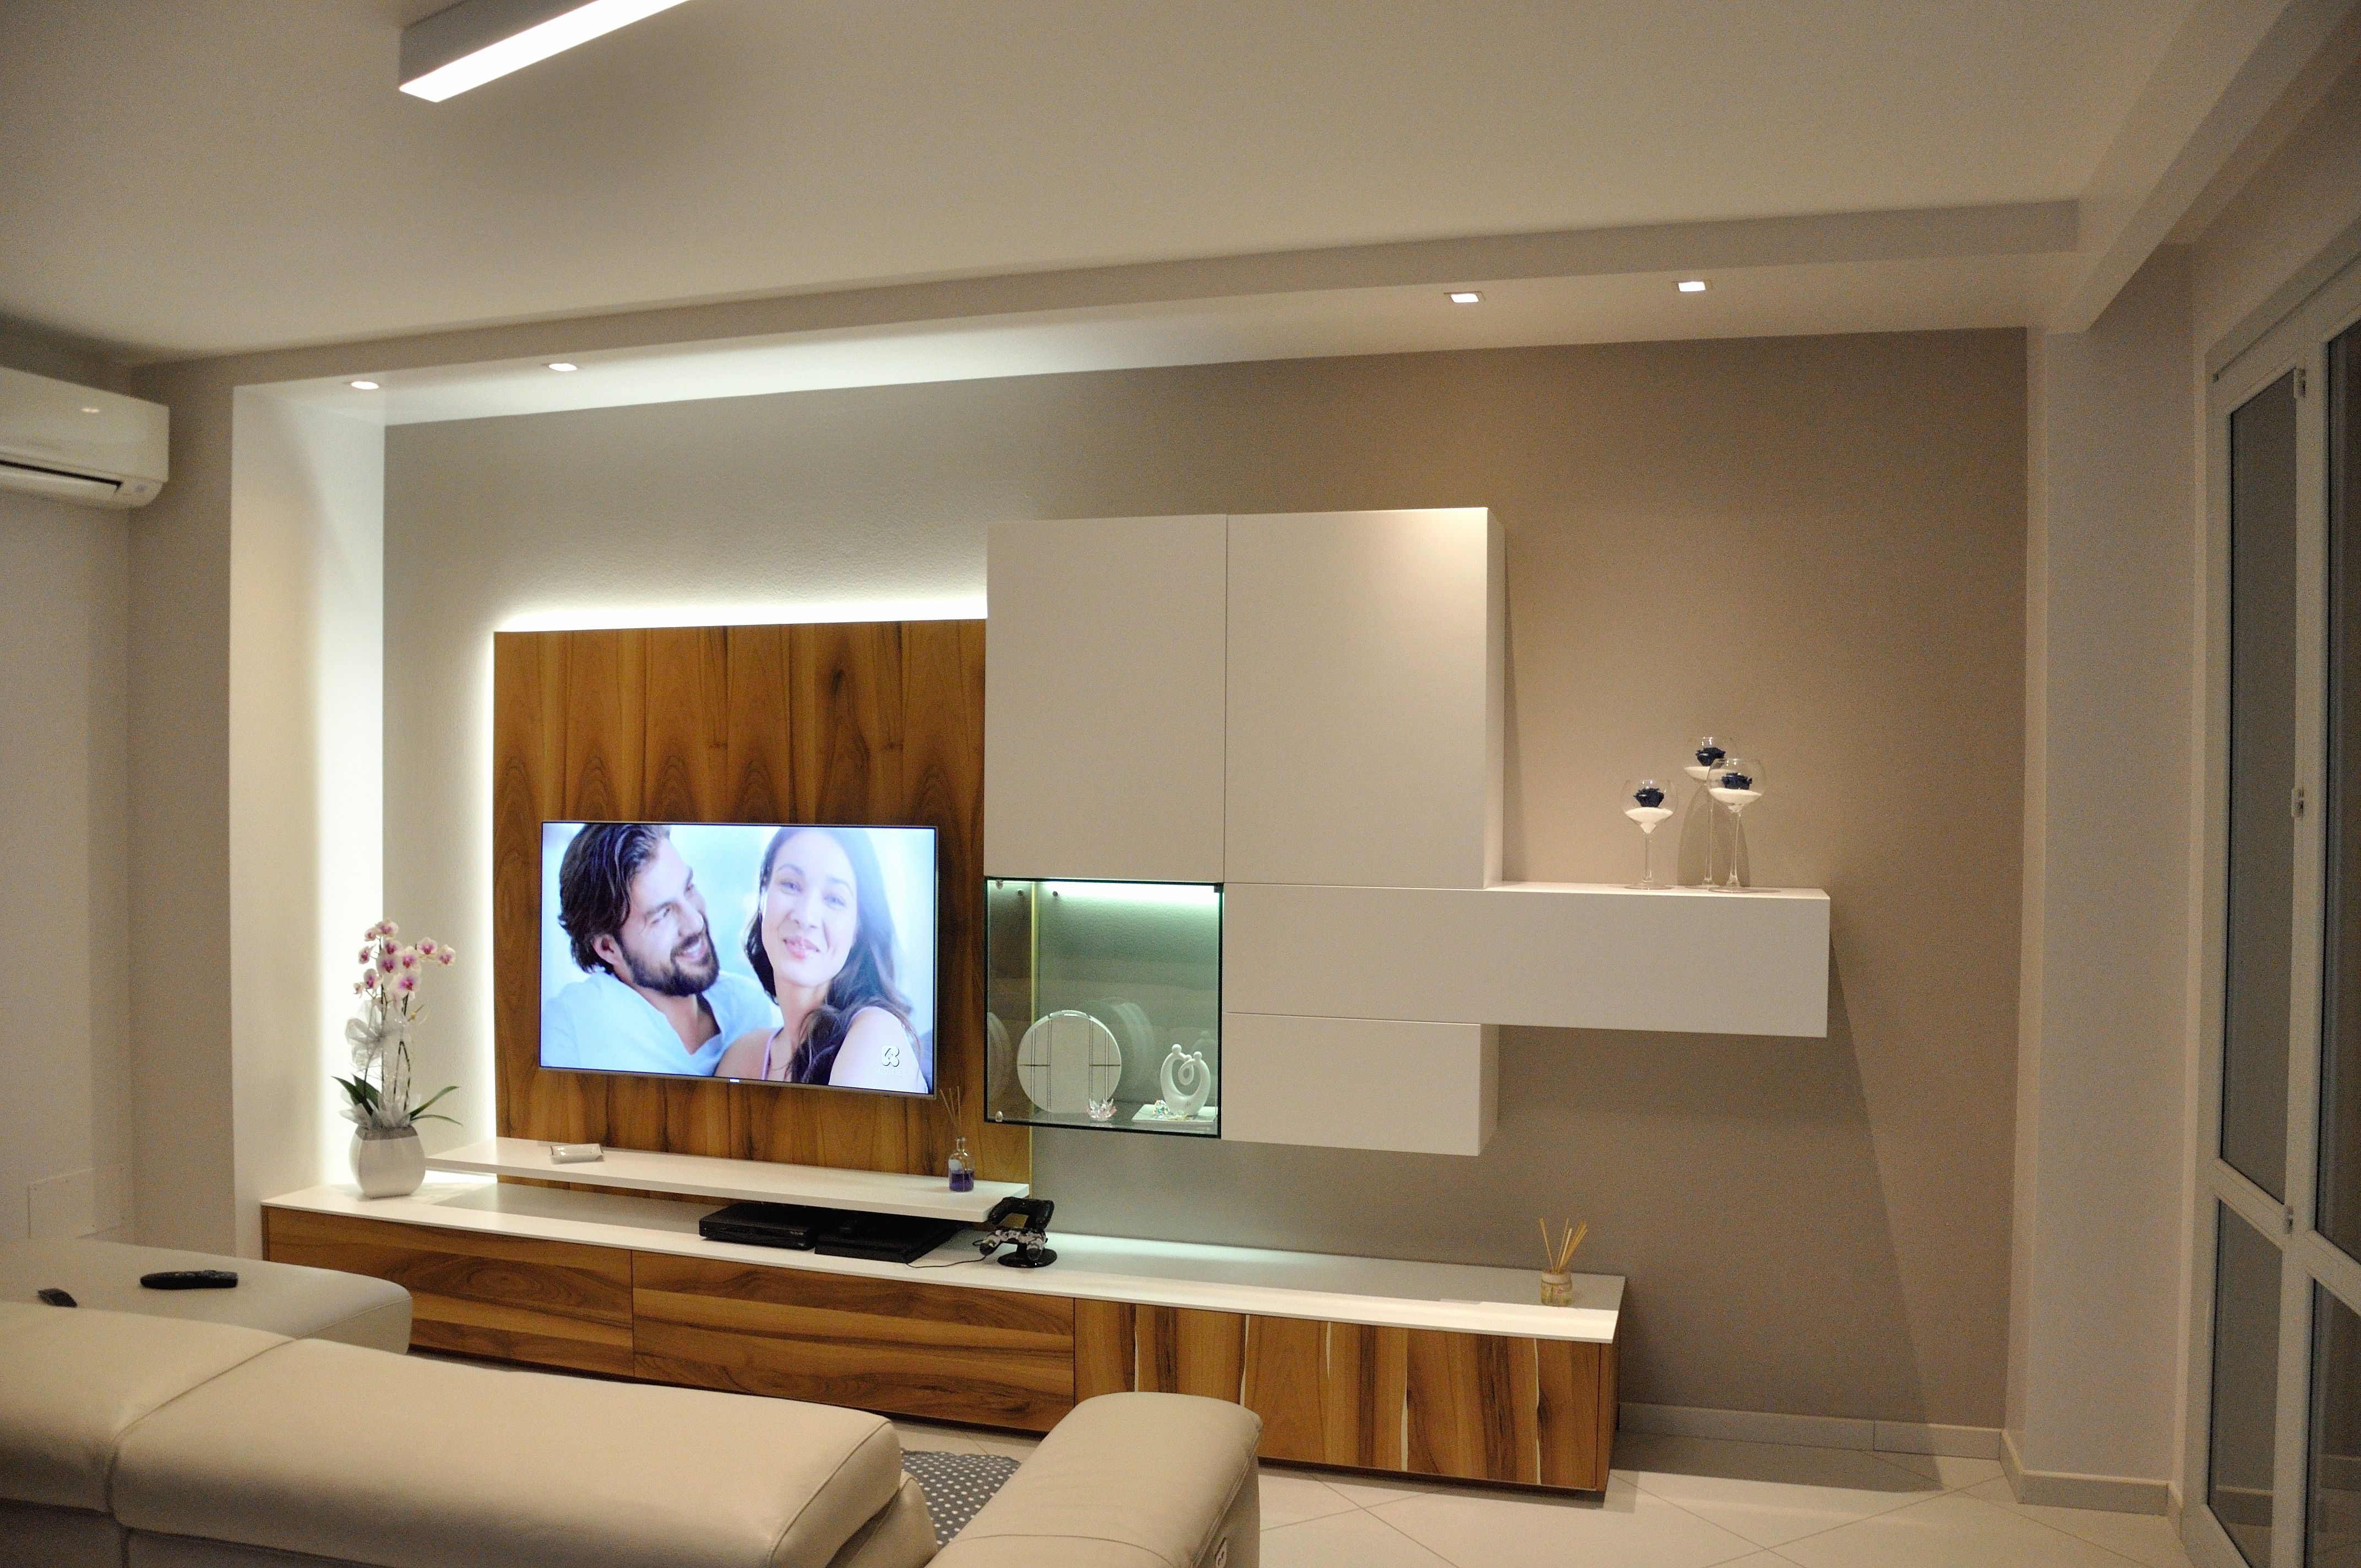 Mobili Rustici Soggiorno : Arredamento parete attrezzata soggiorno in legno noce e legno